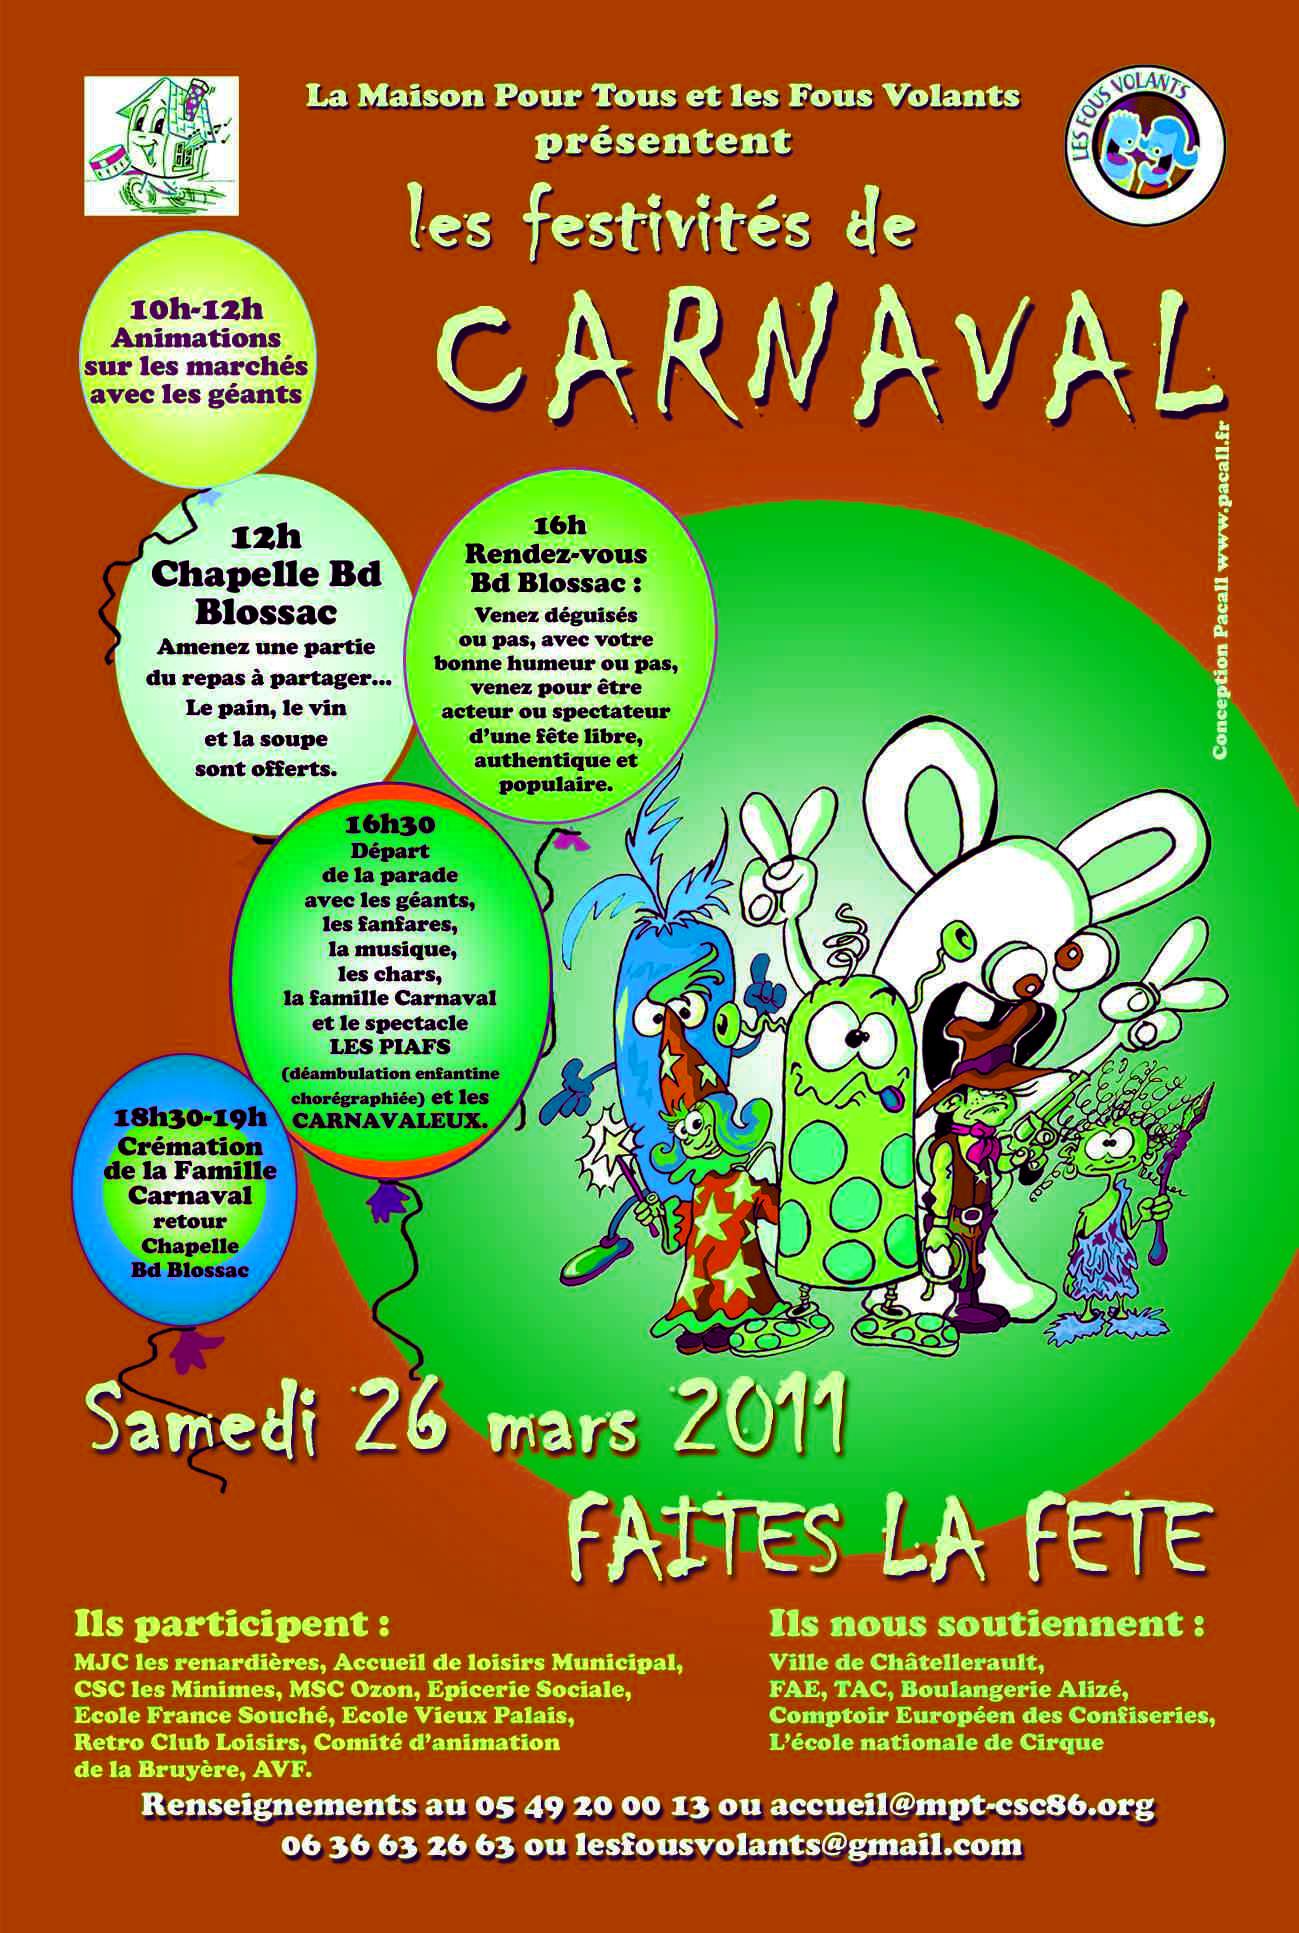 Les festivités de Carnaval